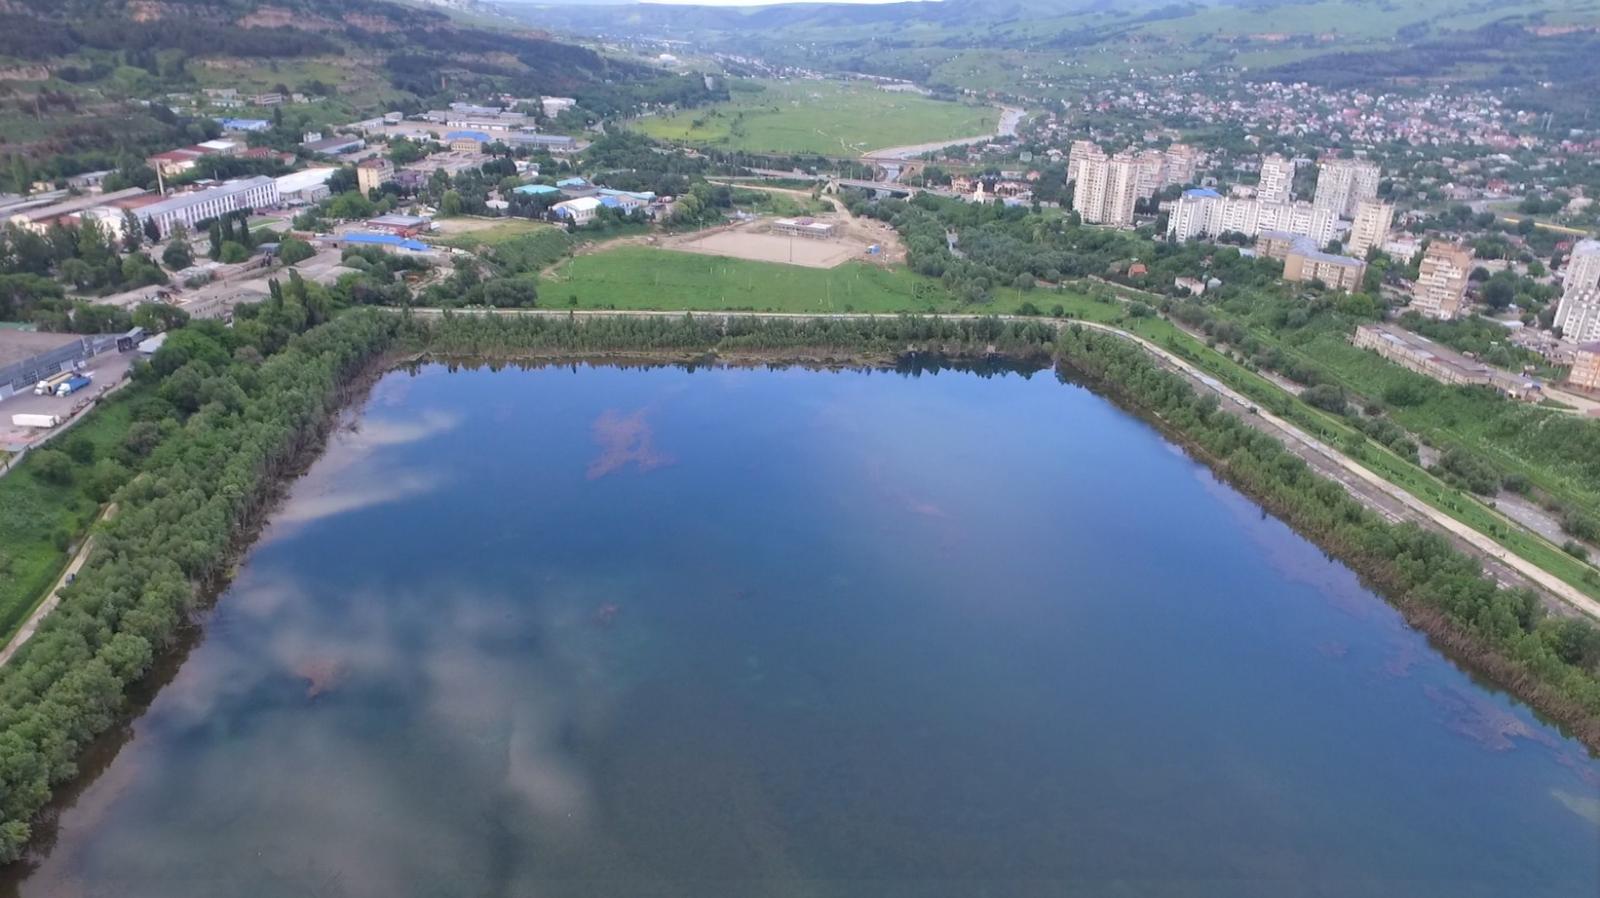 нужно озеро в кисловодске фото данный населенный пункт